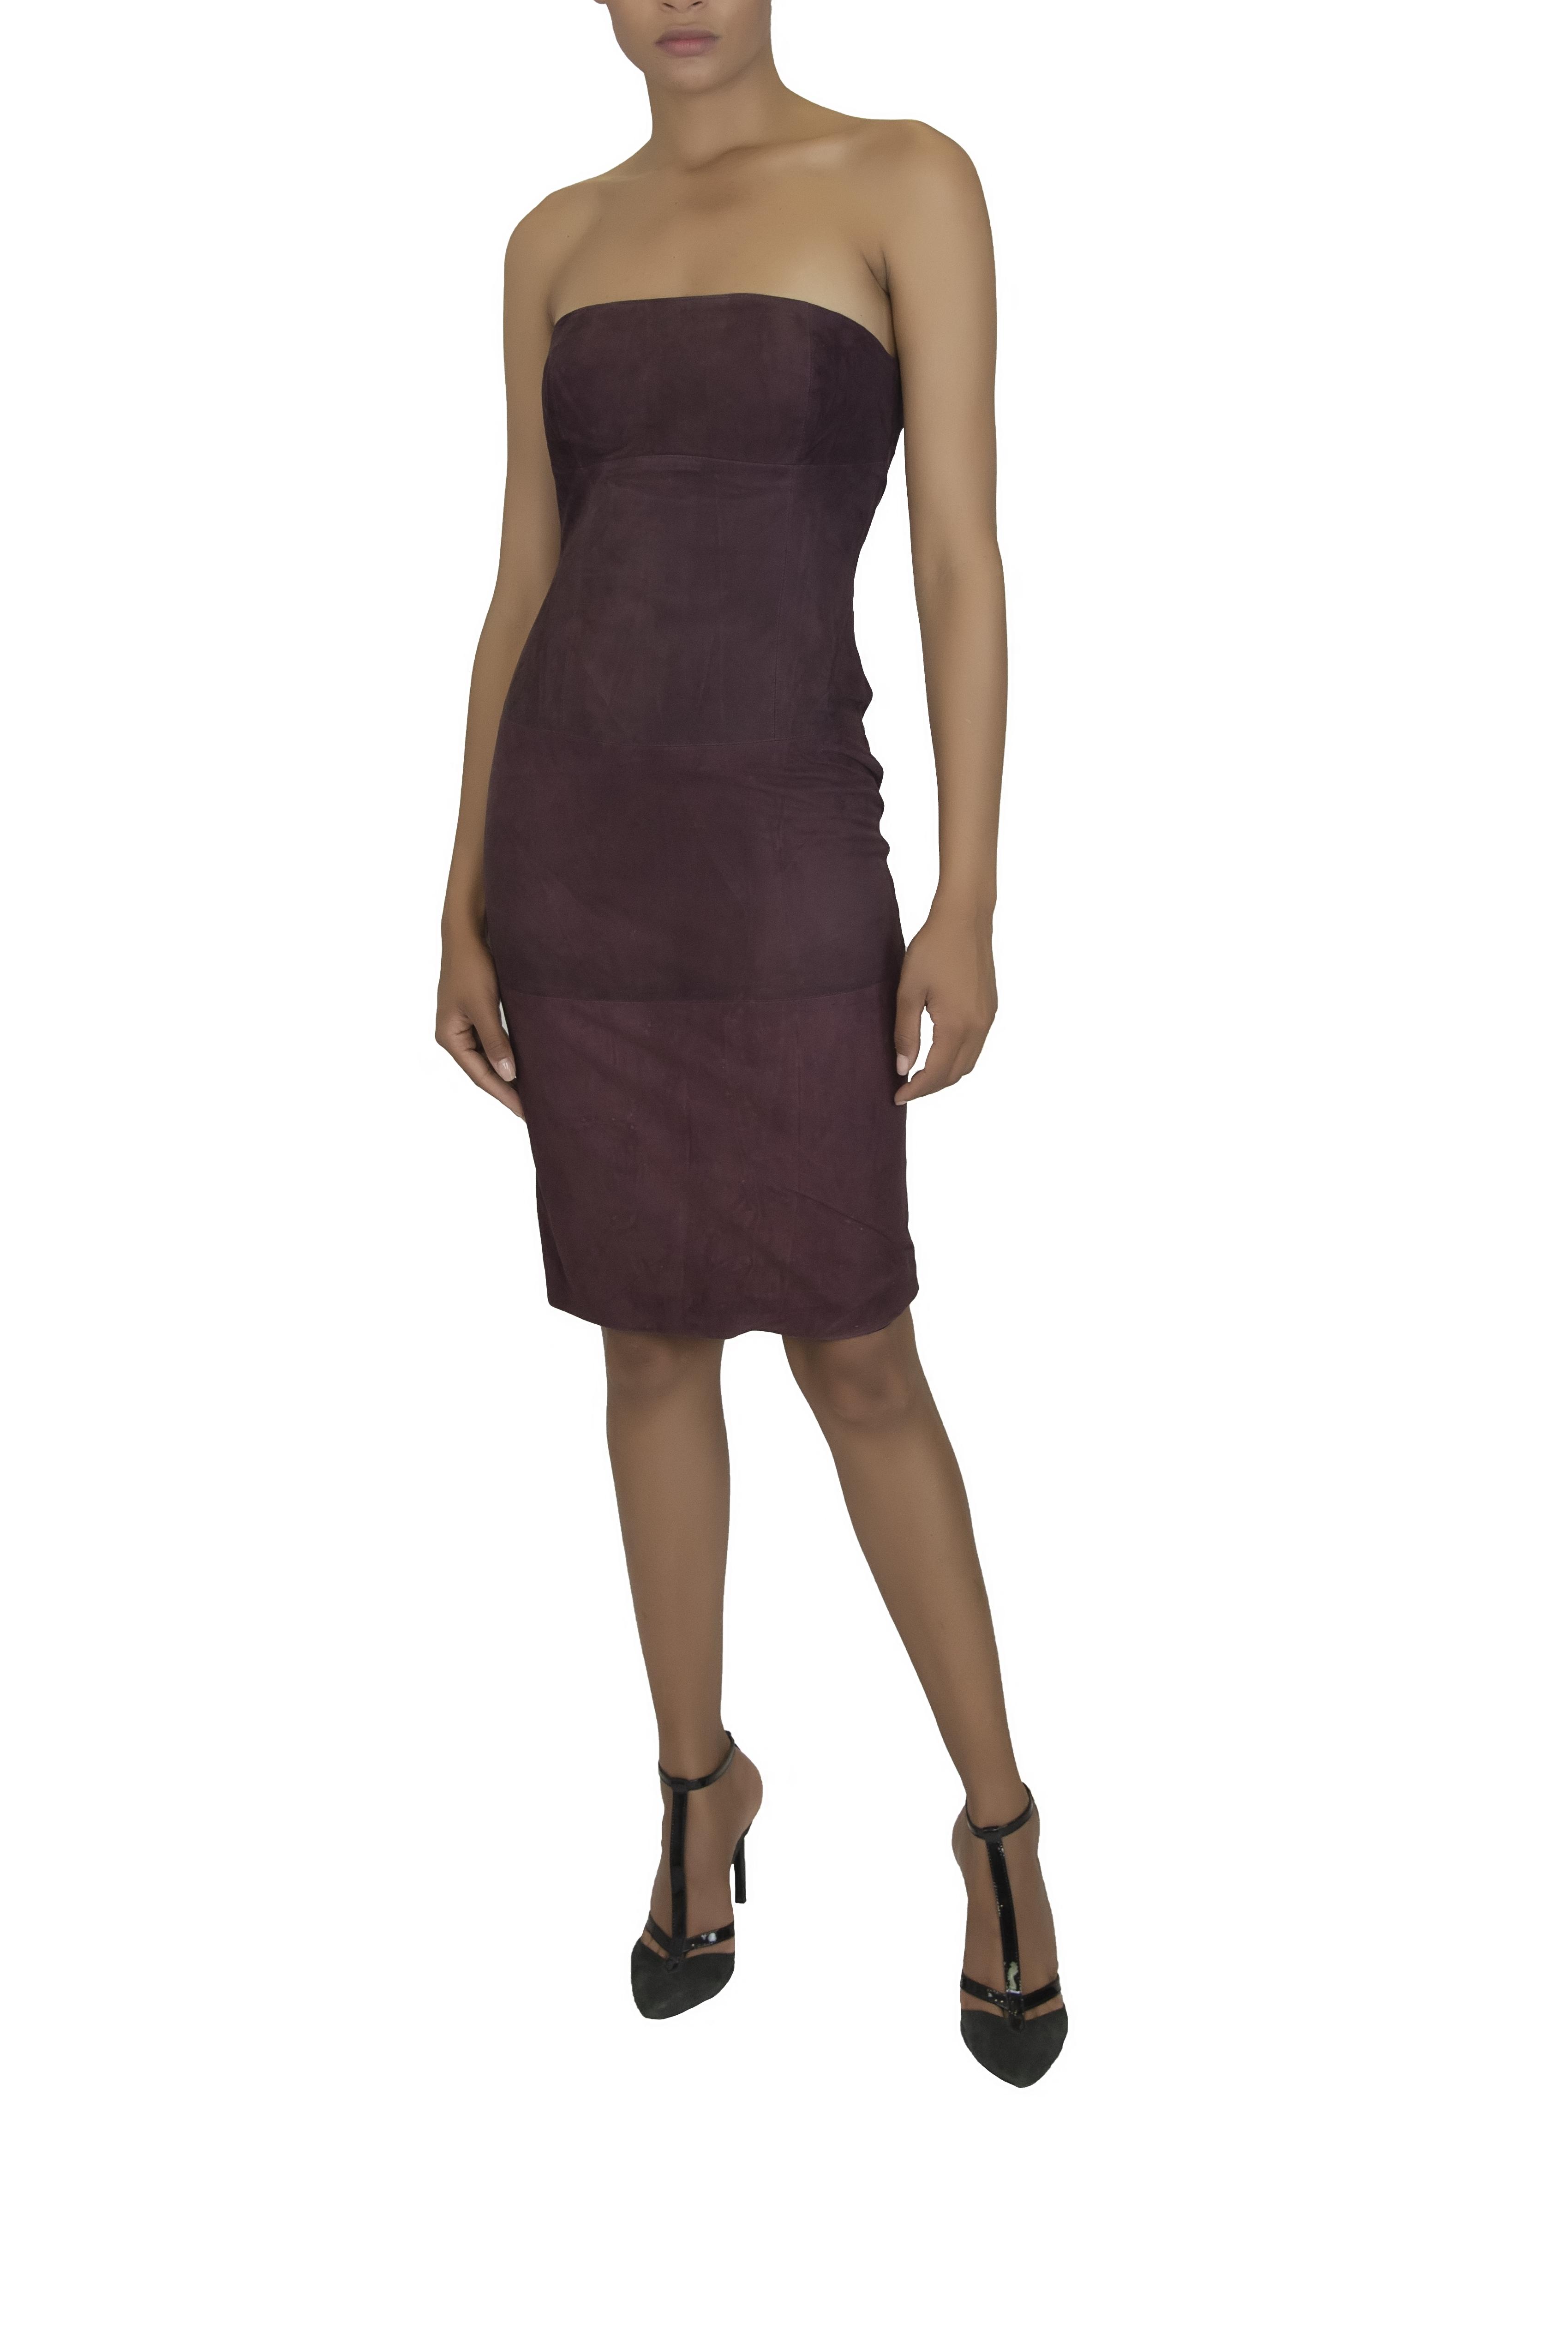 Vestido ENIWA 0